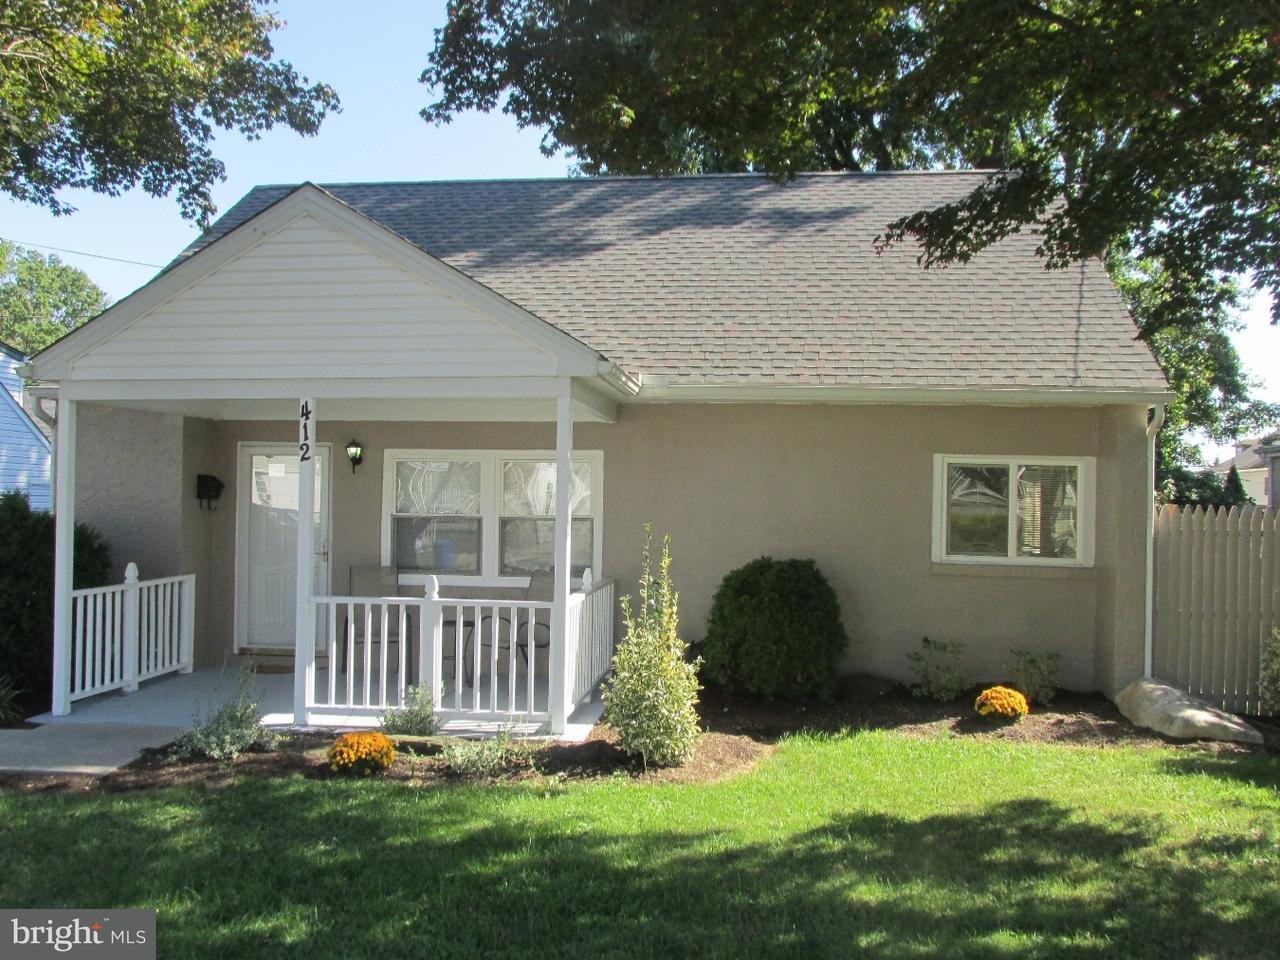 独户住宅 为 销售 在 412 GORSUCH Street Folsom, 宾夕法尼亚州 19033 美国